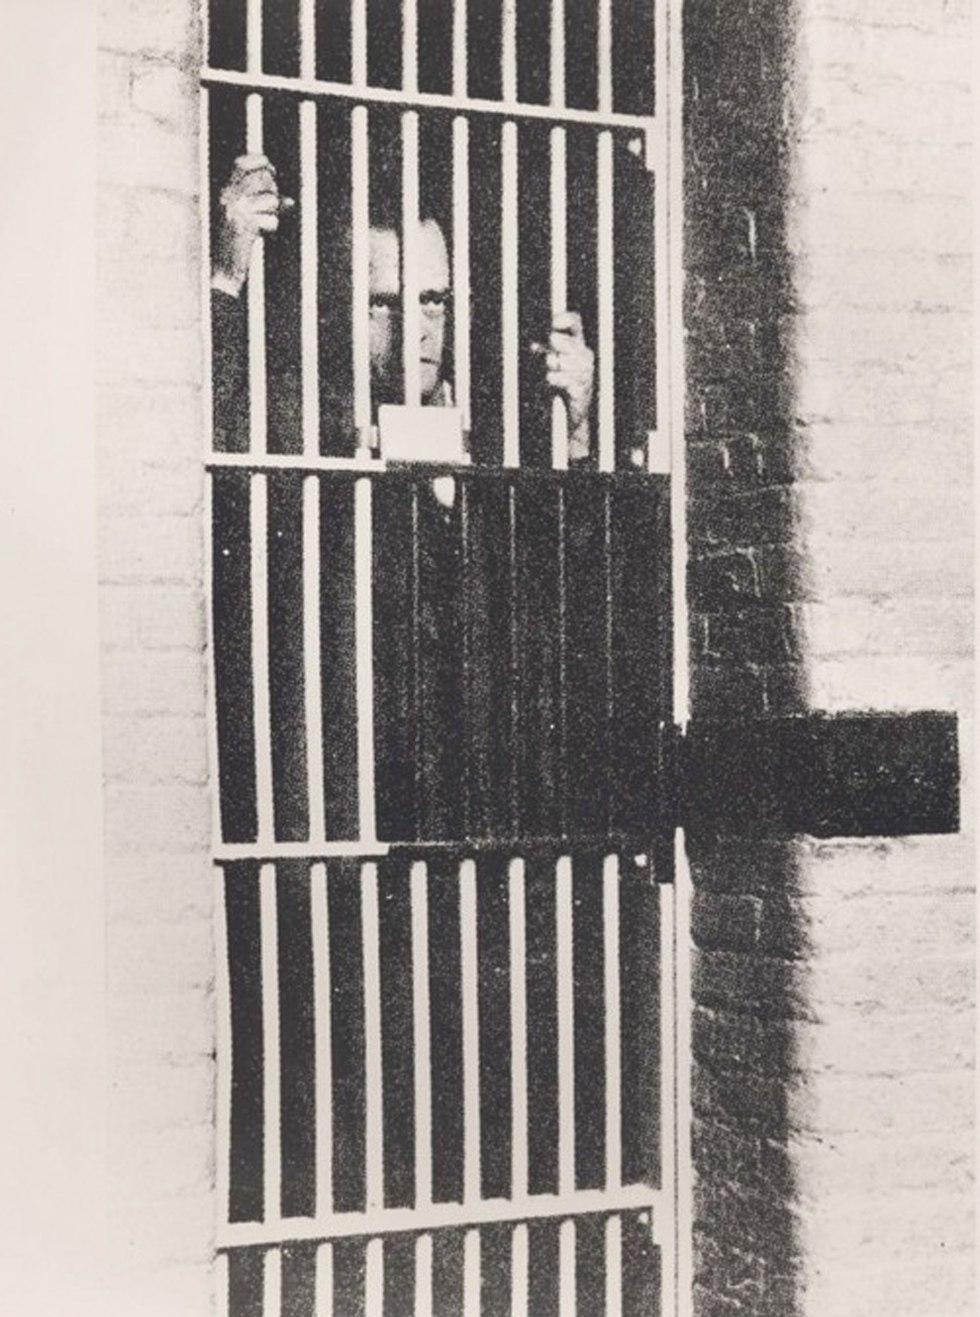 יוסף שניידר (צילום: יוסף שניידר, באדיבות ארכיון הספריה הלאומית)